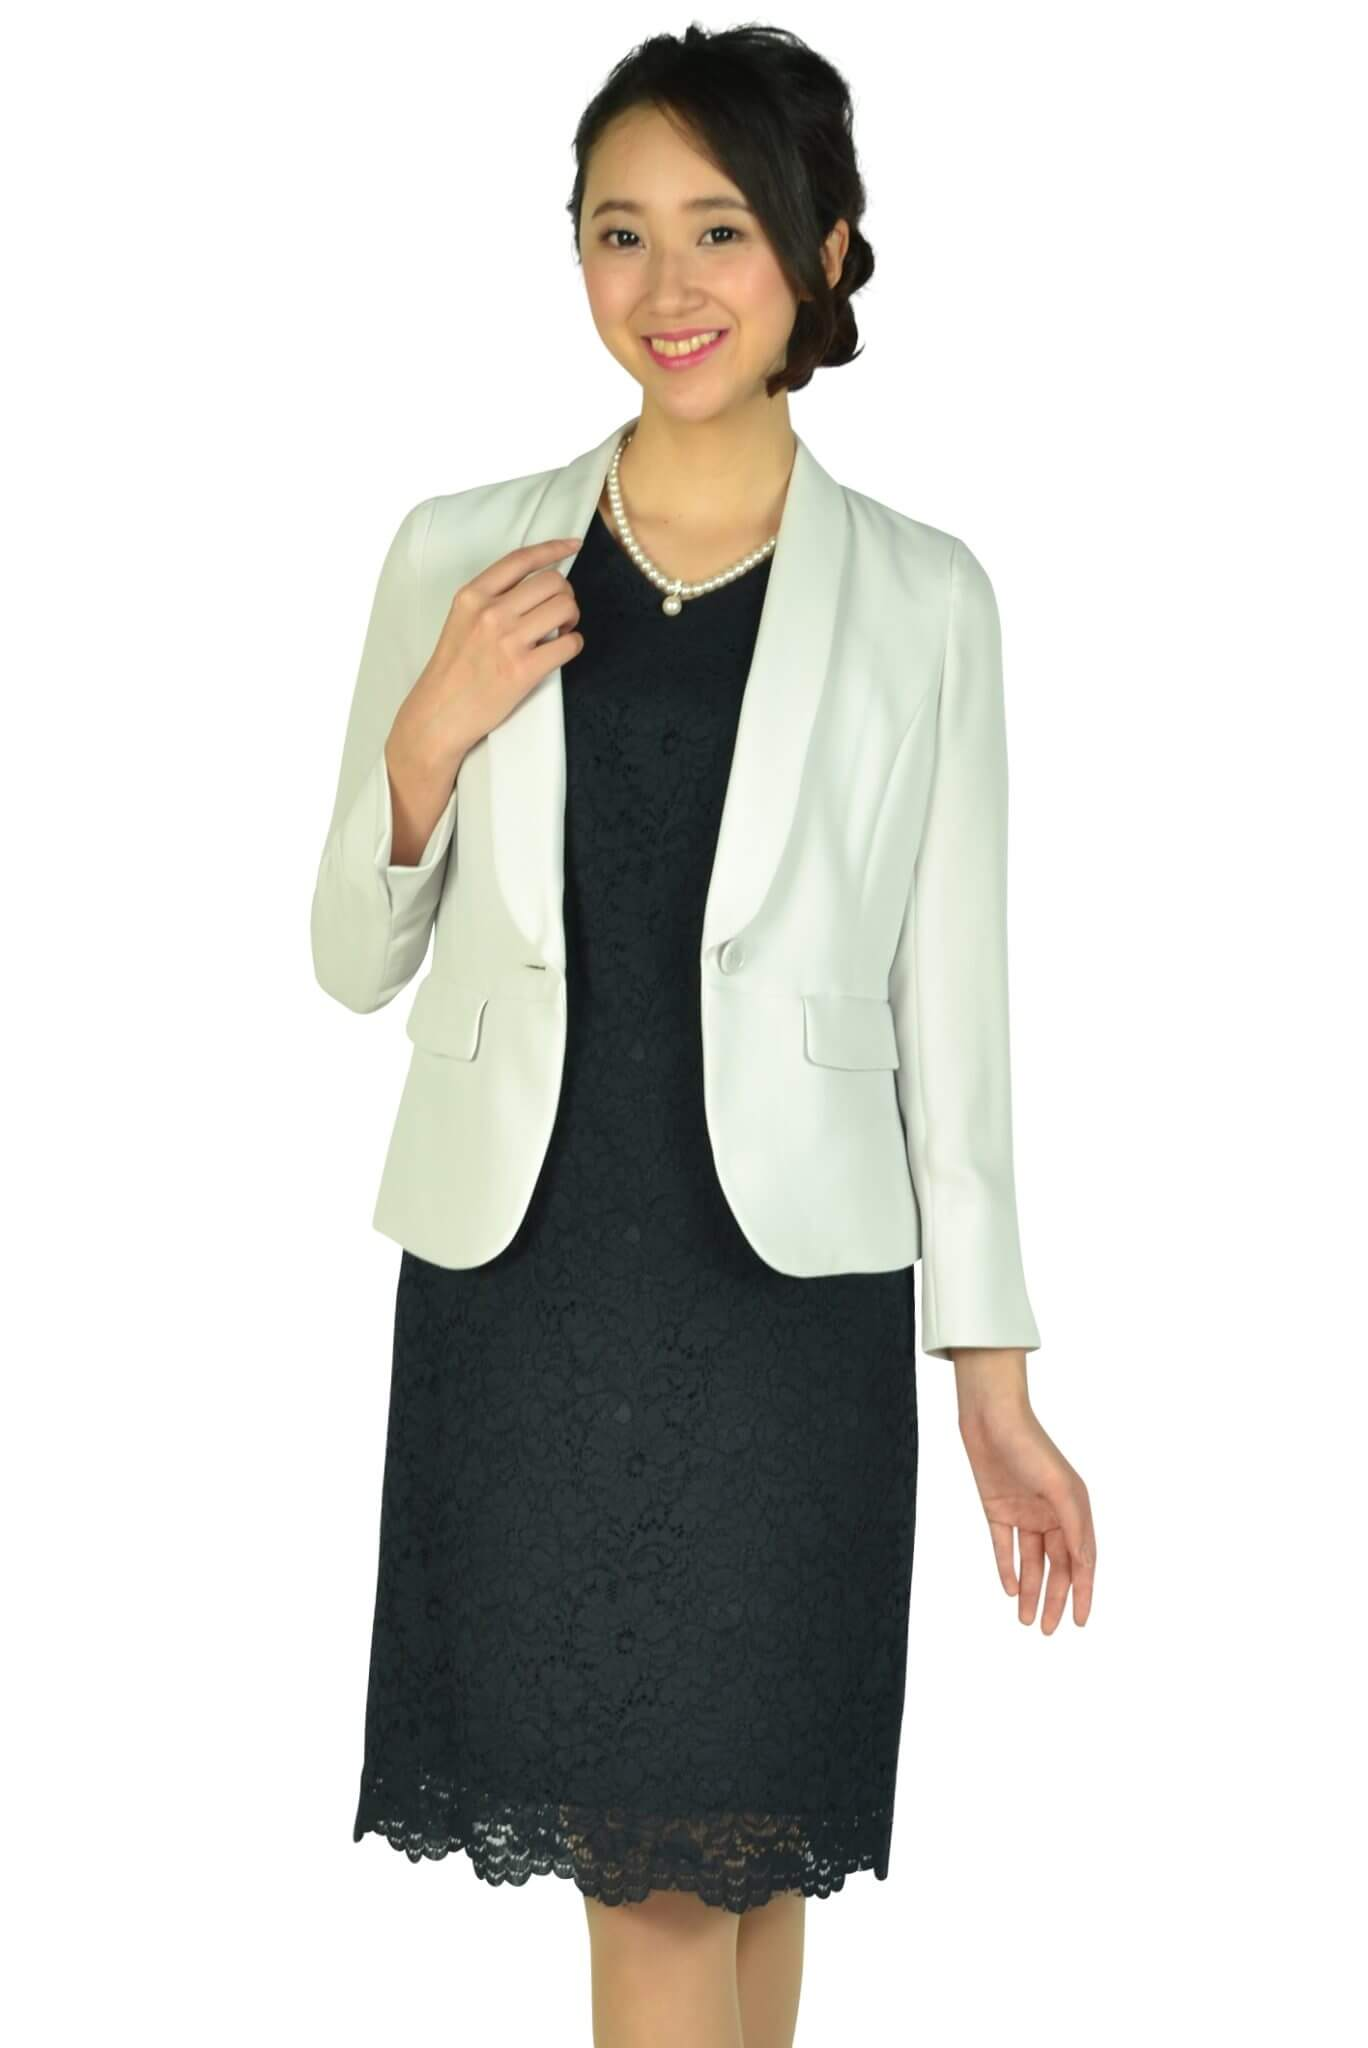 ホワイト ジョーラ (White Joola)シンプルレースVネック濃紺ドレスセット